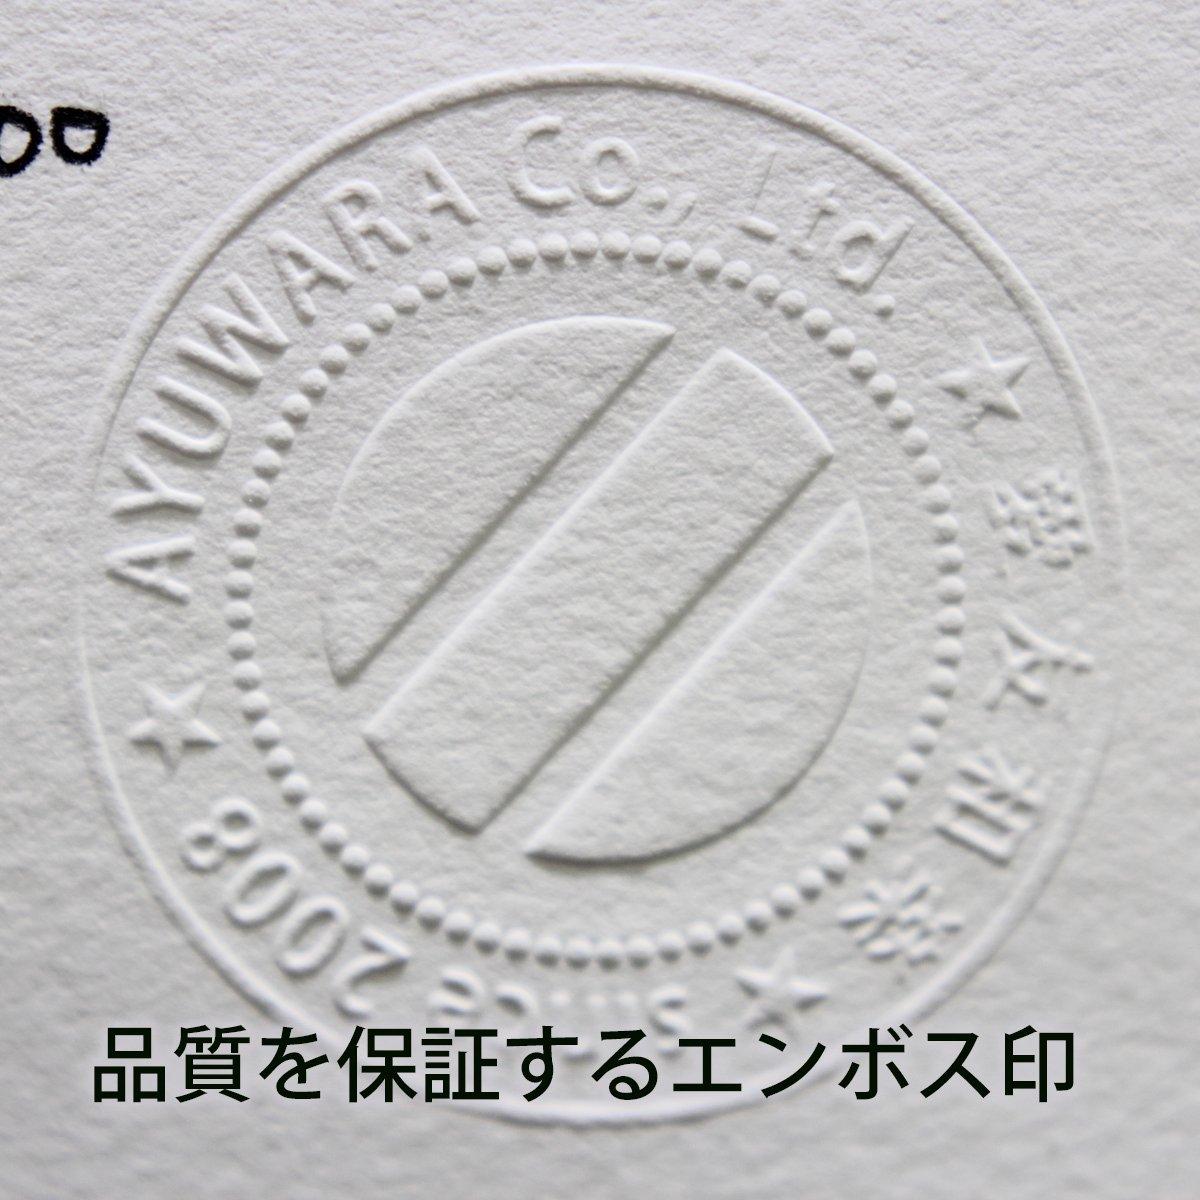 《アートフォト》新緑2/上士幌町〔富良野・高橋真澄〕(レンタル対象)